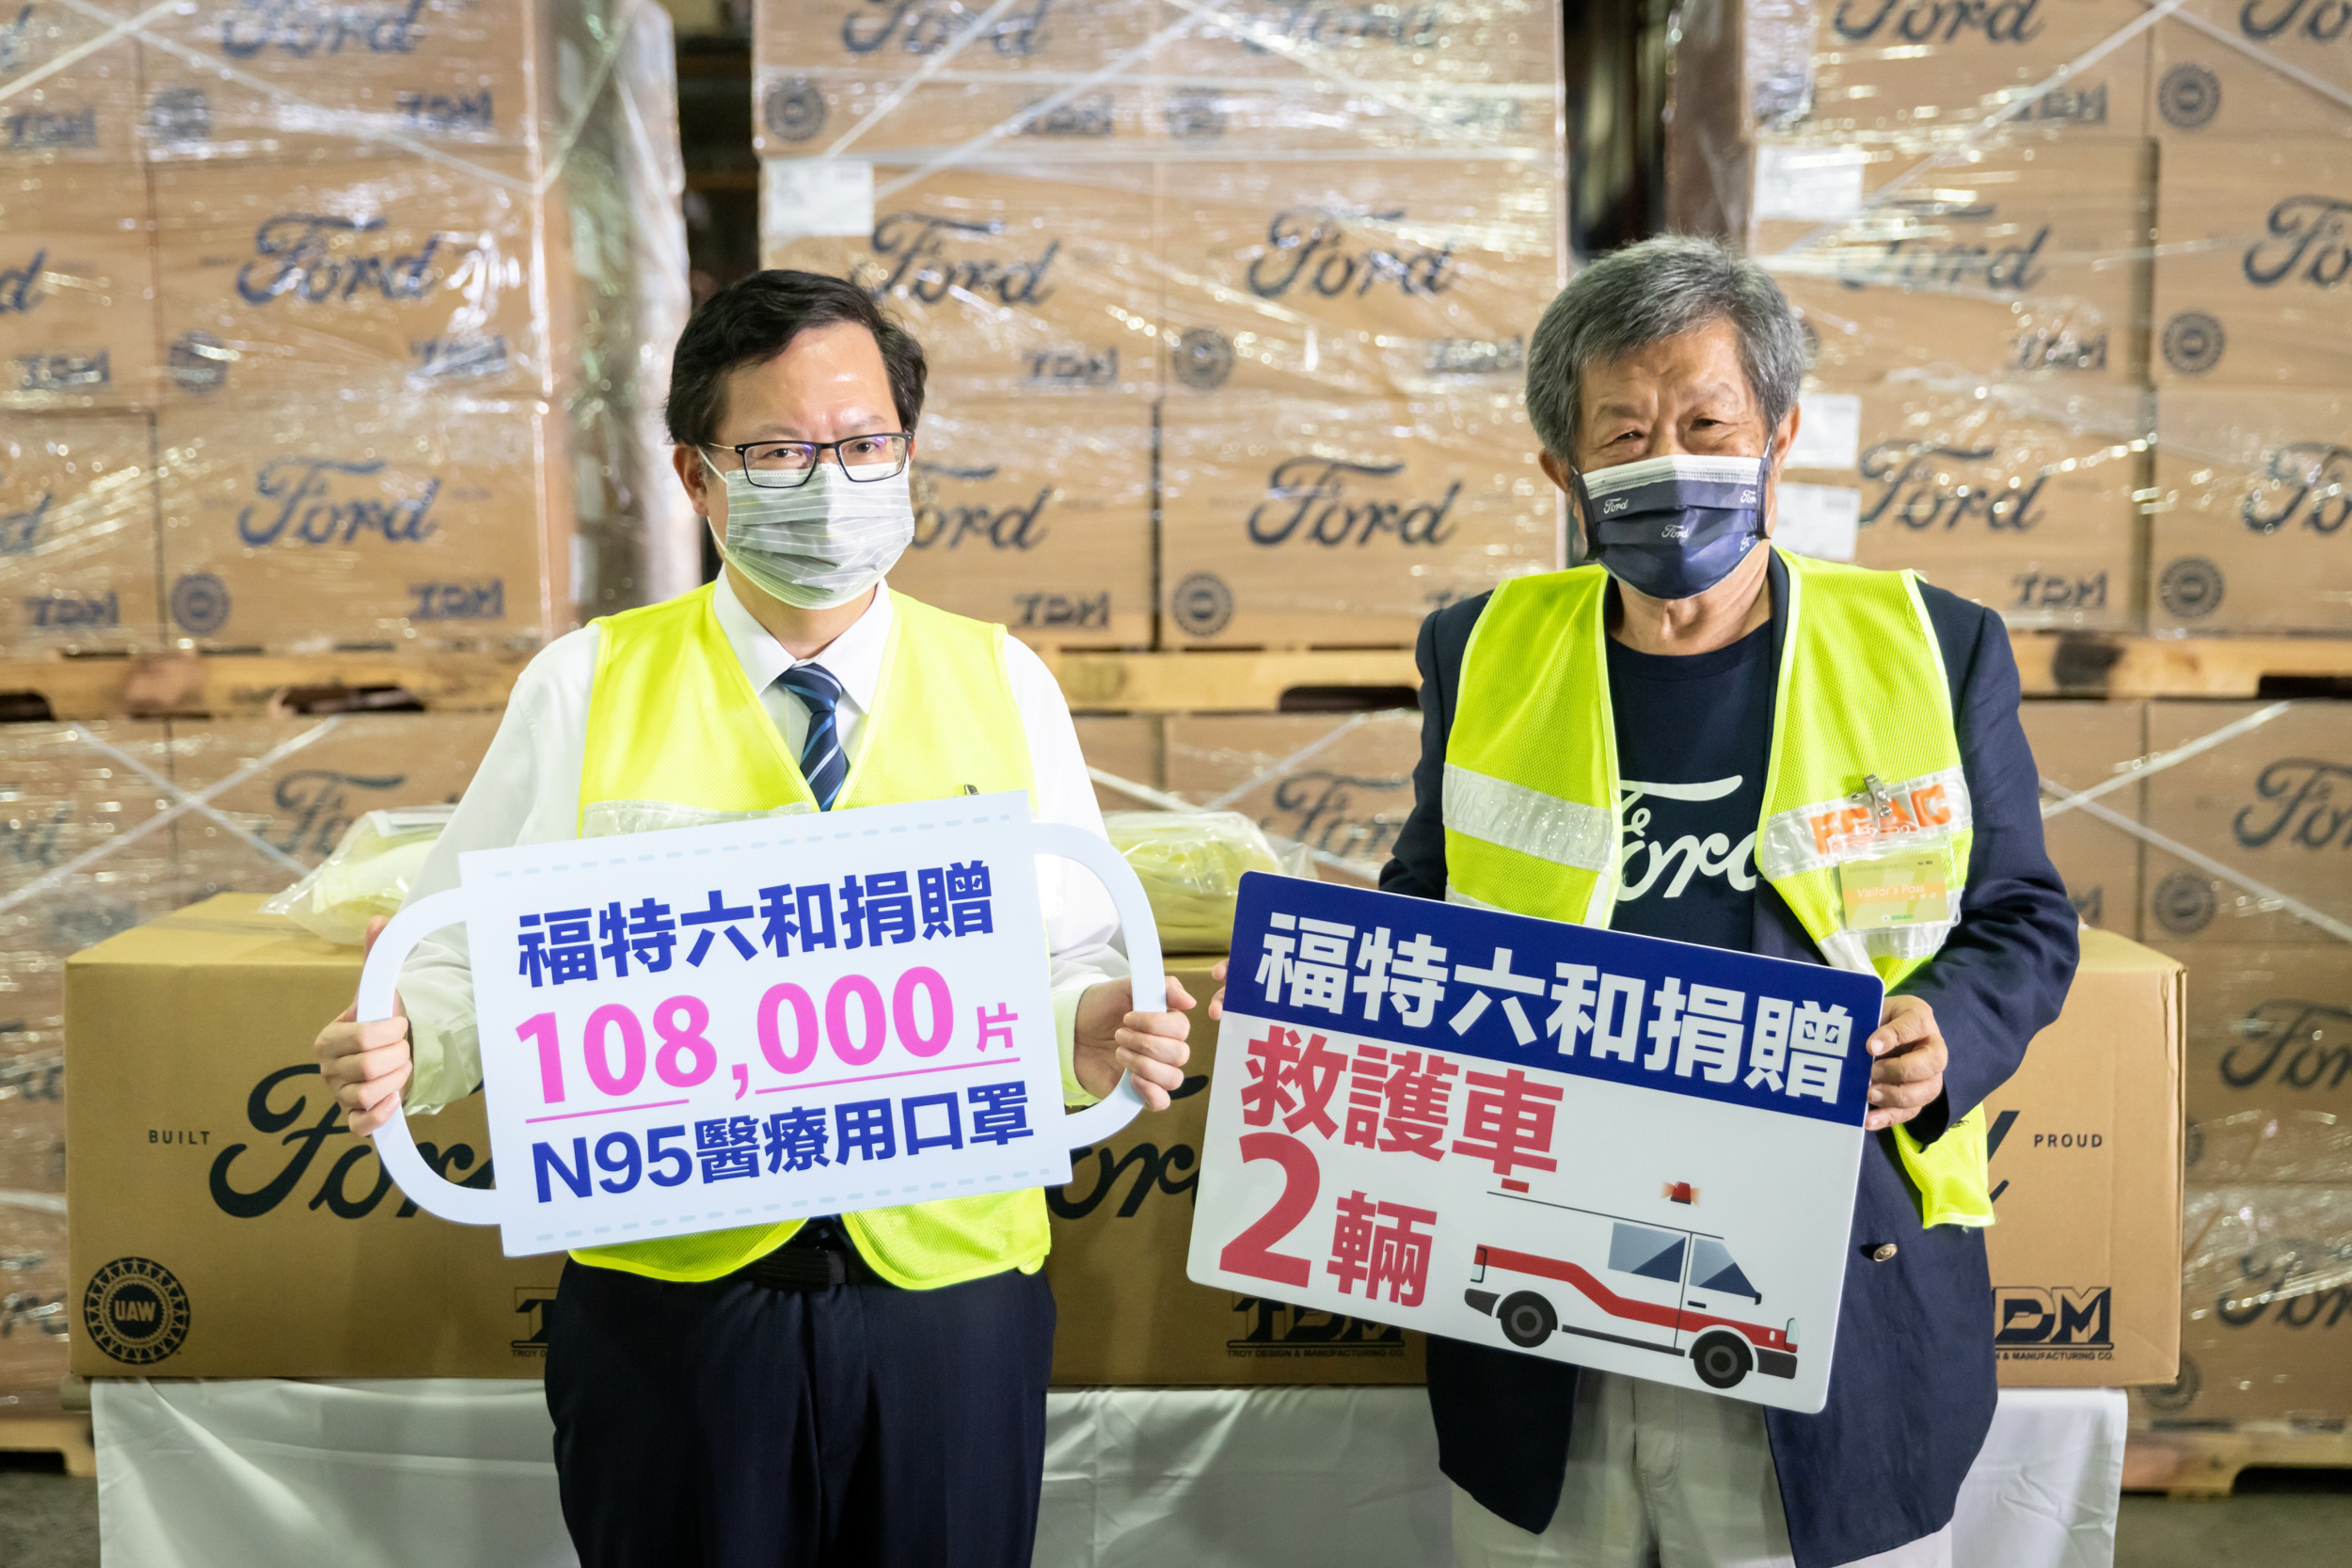 福特六和汽車董事長許智樂(左)代表捐贈防疫物資給桃園市長鄭文燦。